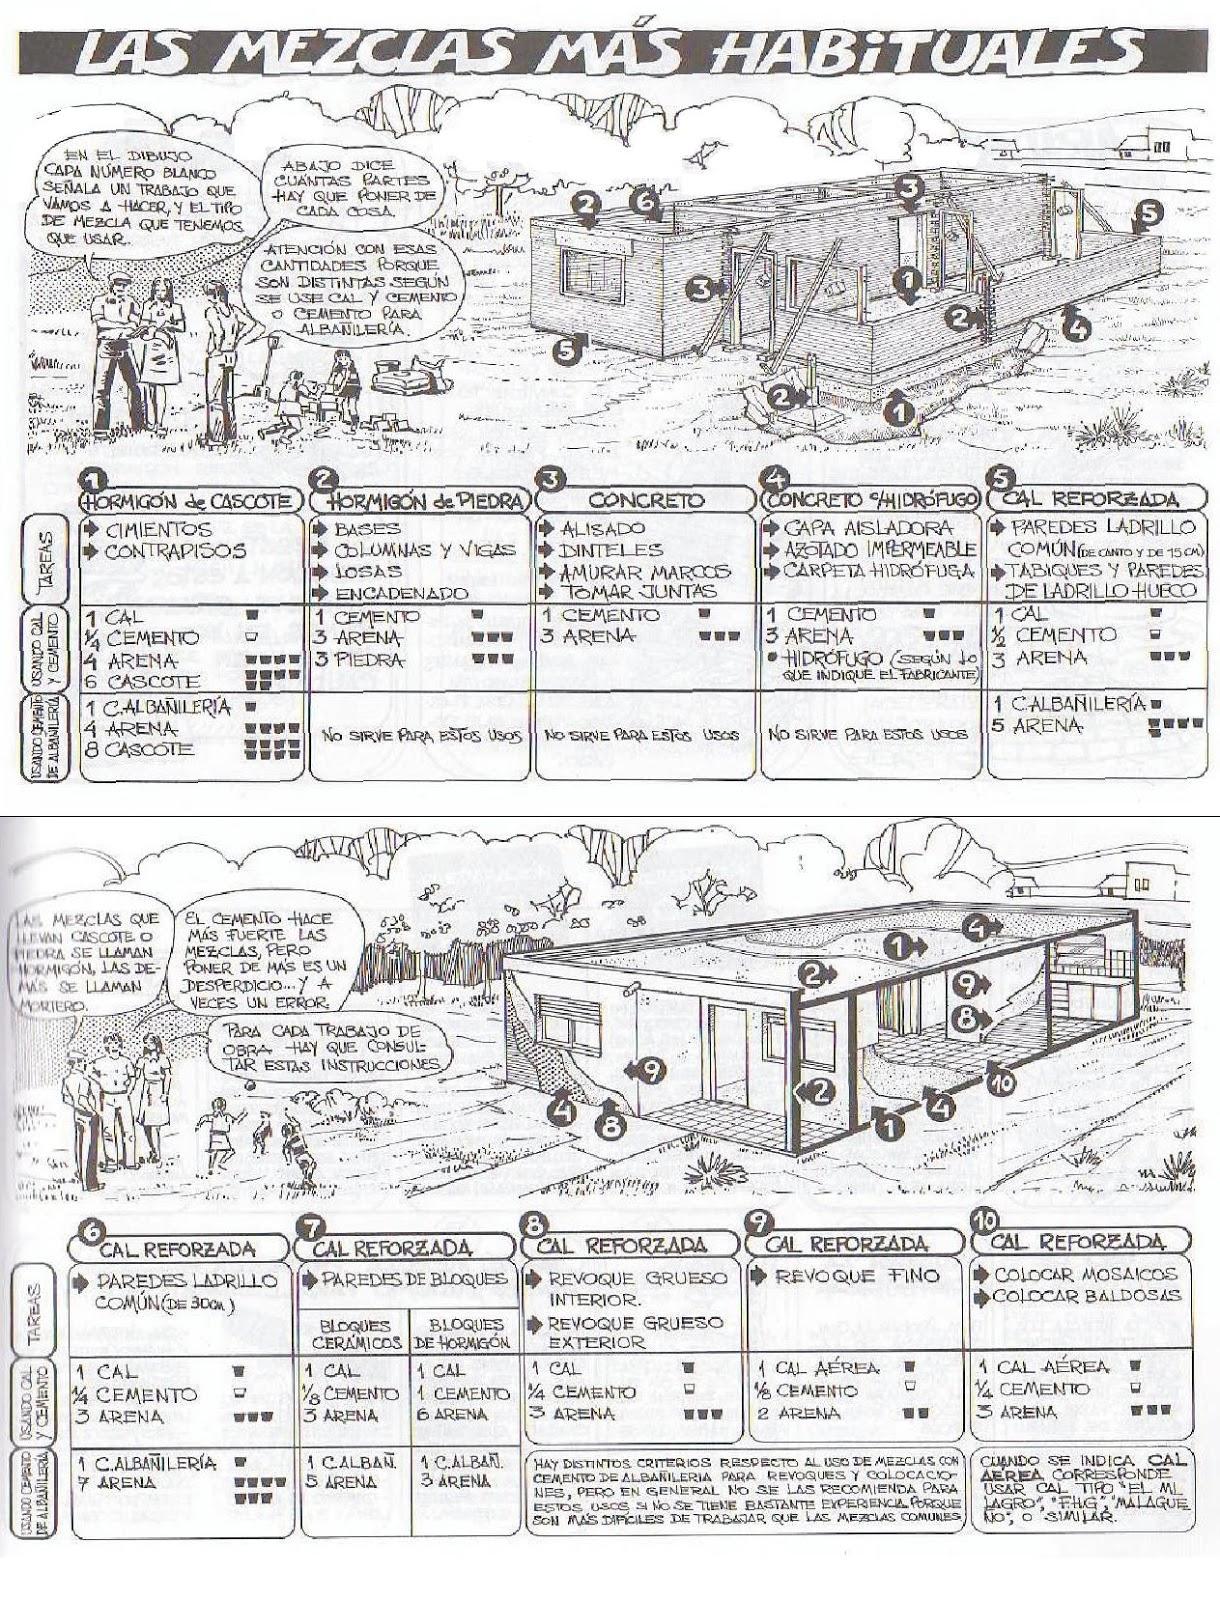 Blog Posts Thenewstaff Descargar Circuit Wizard Gratis Manual Practico Para La Construccion Jaime Nisnovich Pdf To Word